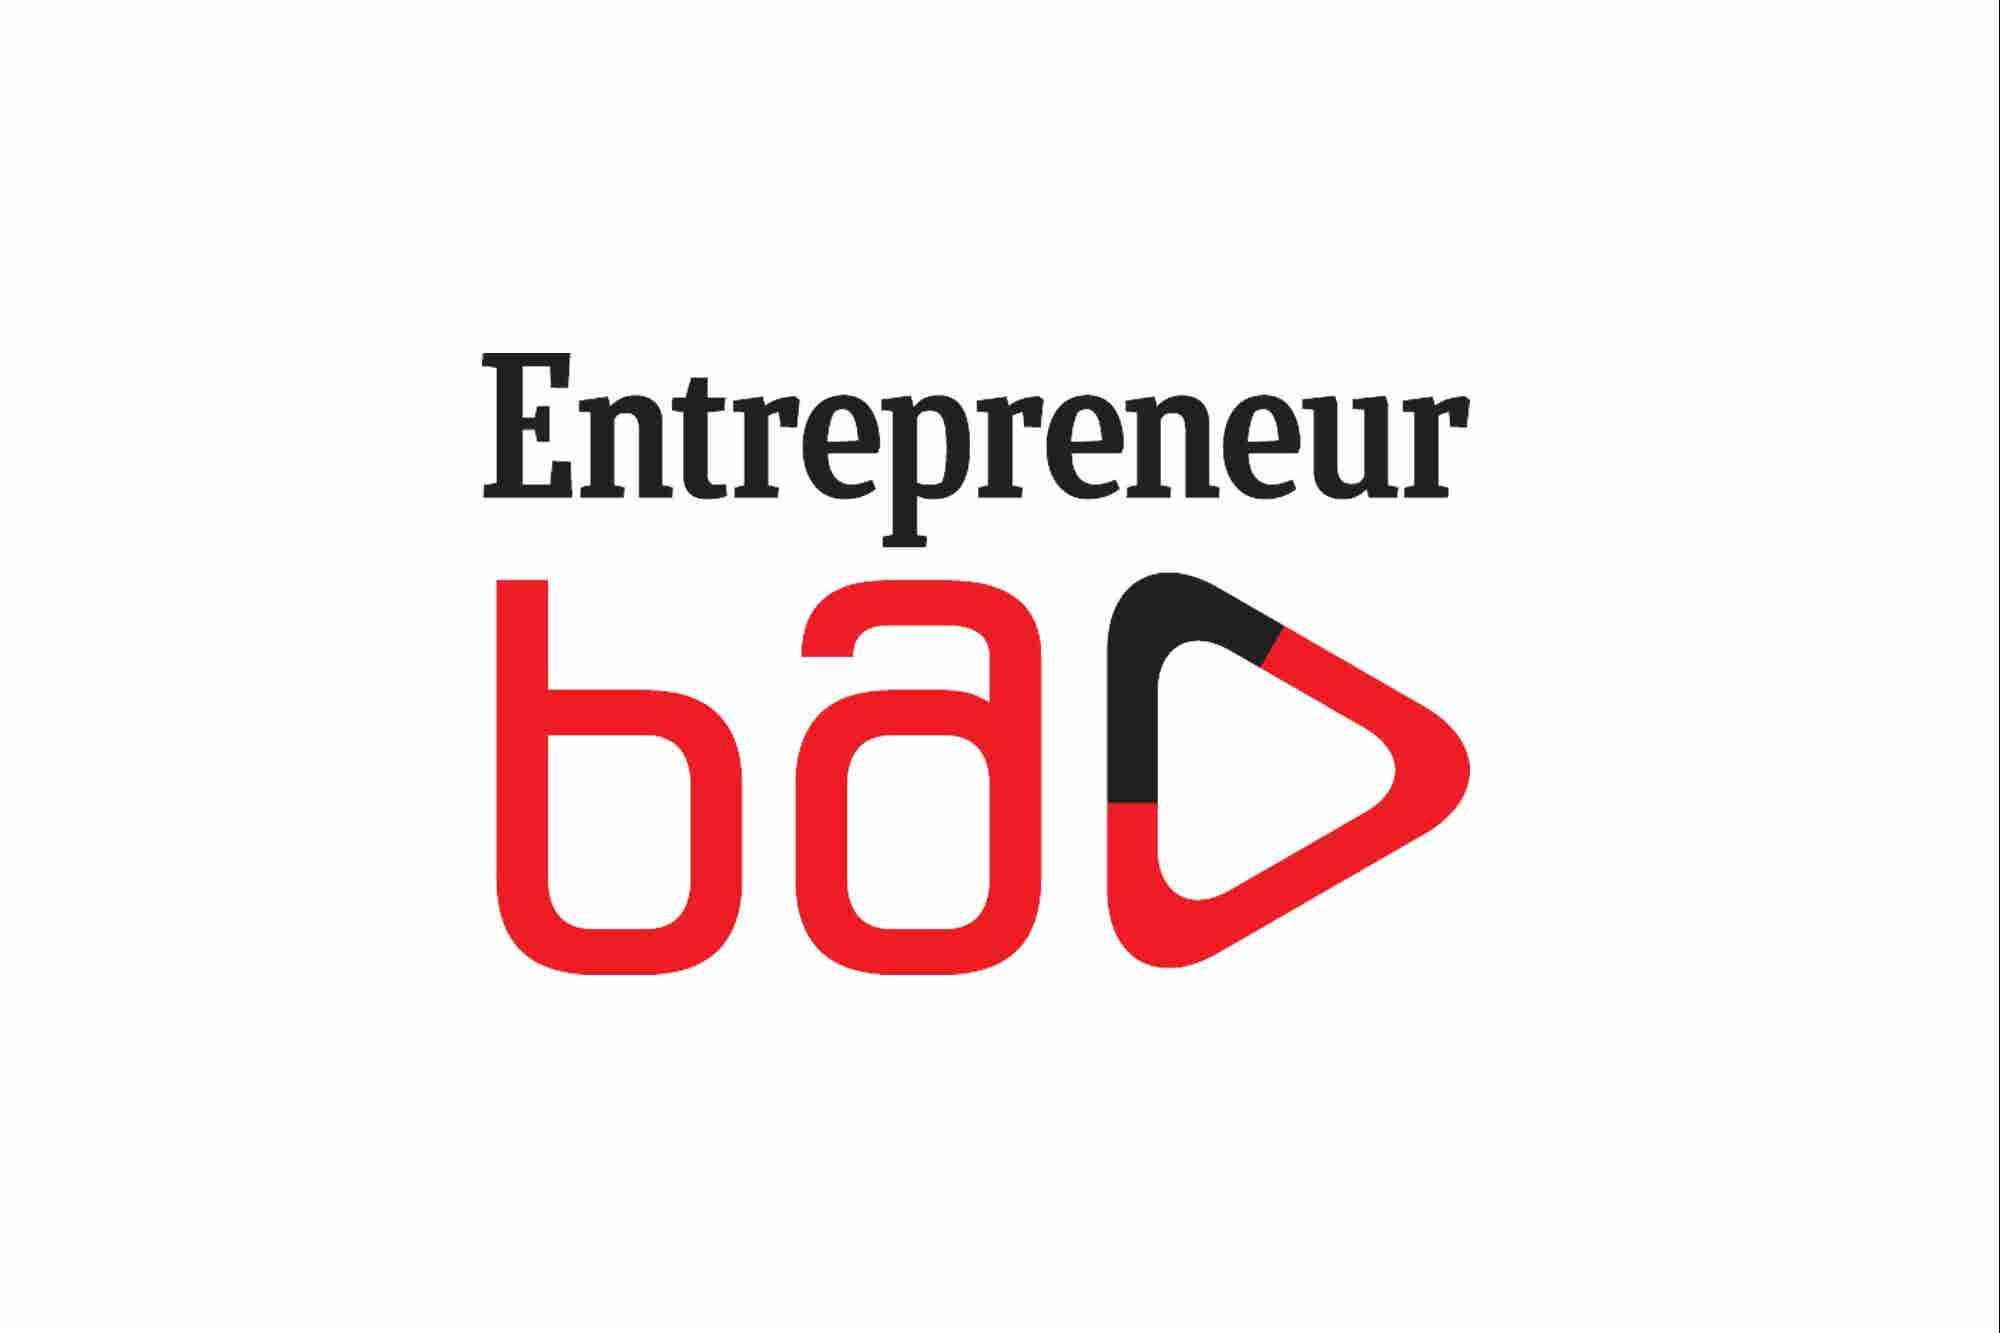 """VREX-ის და """"8000 მოსავალის"""" დამფუძნებლები გადაცემაში """"Entrepreneur ხმა"""""""